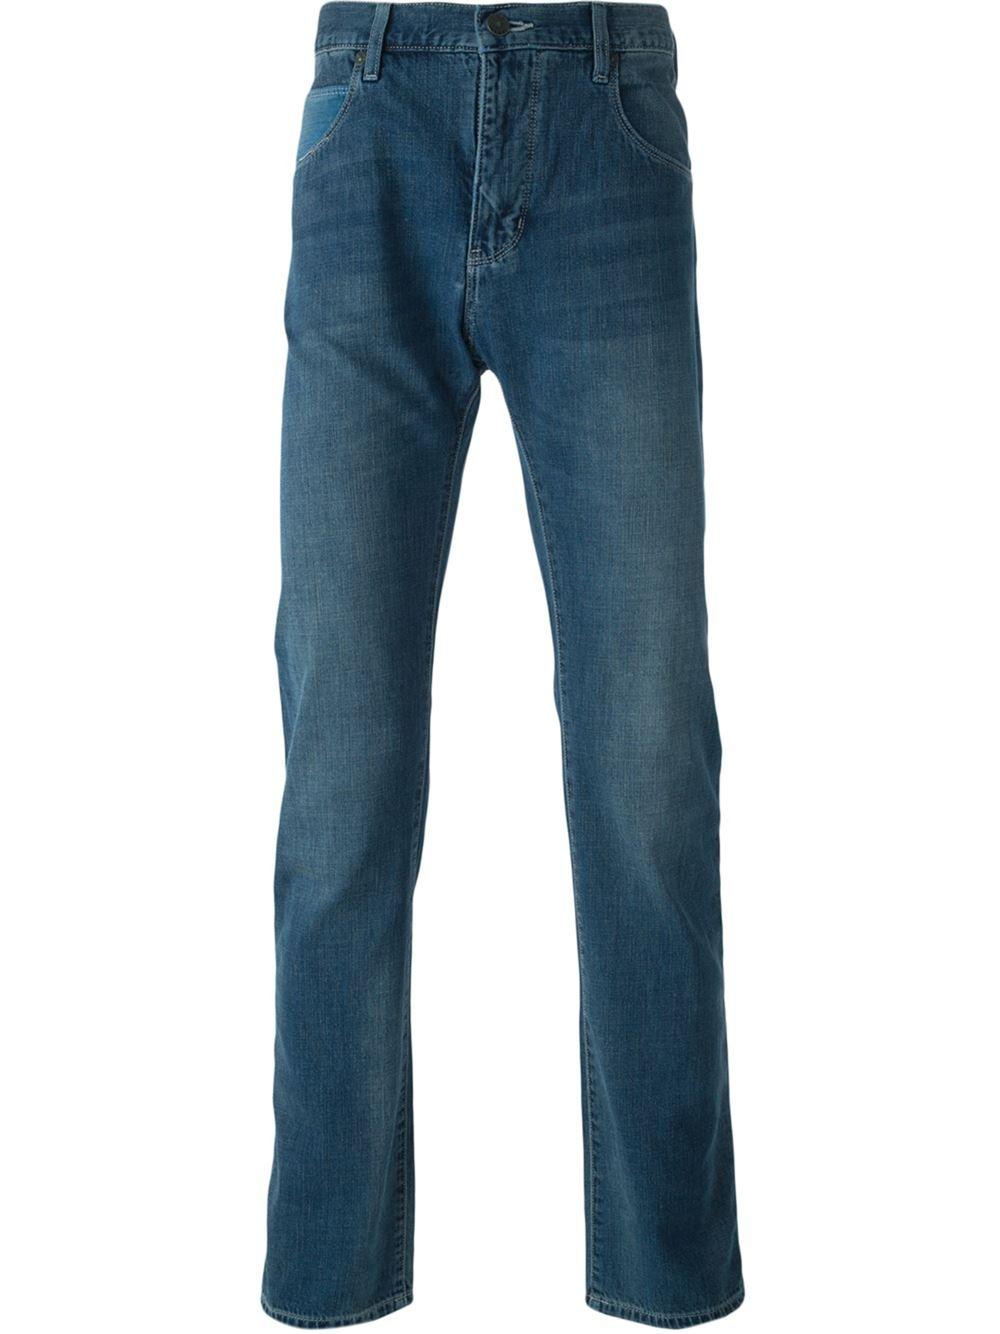 armani jeans regular fit jeans in blue for men lyst. Black Bedroom Furniture Sets. Home Design Ideas